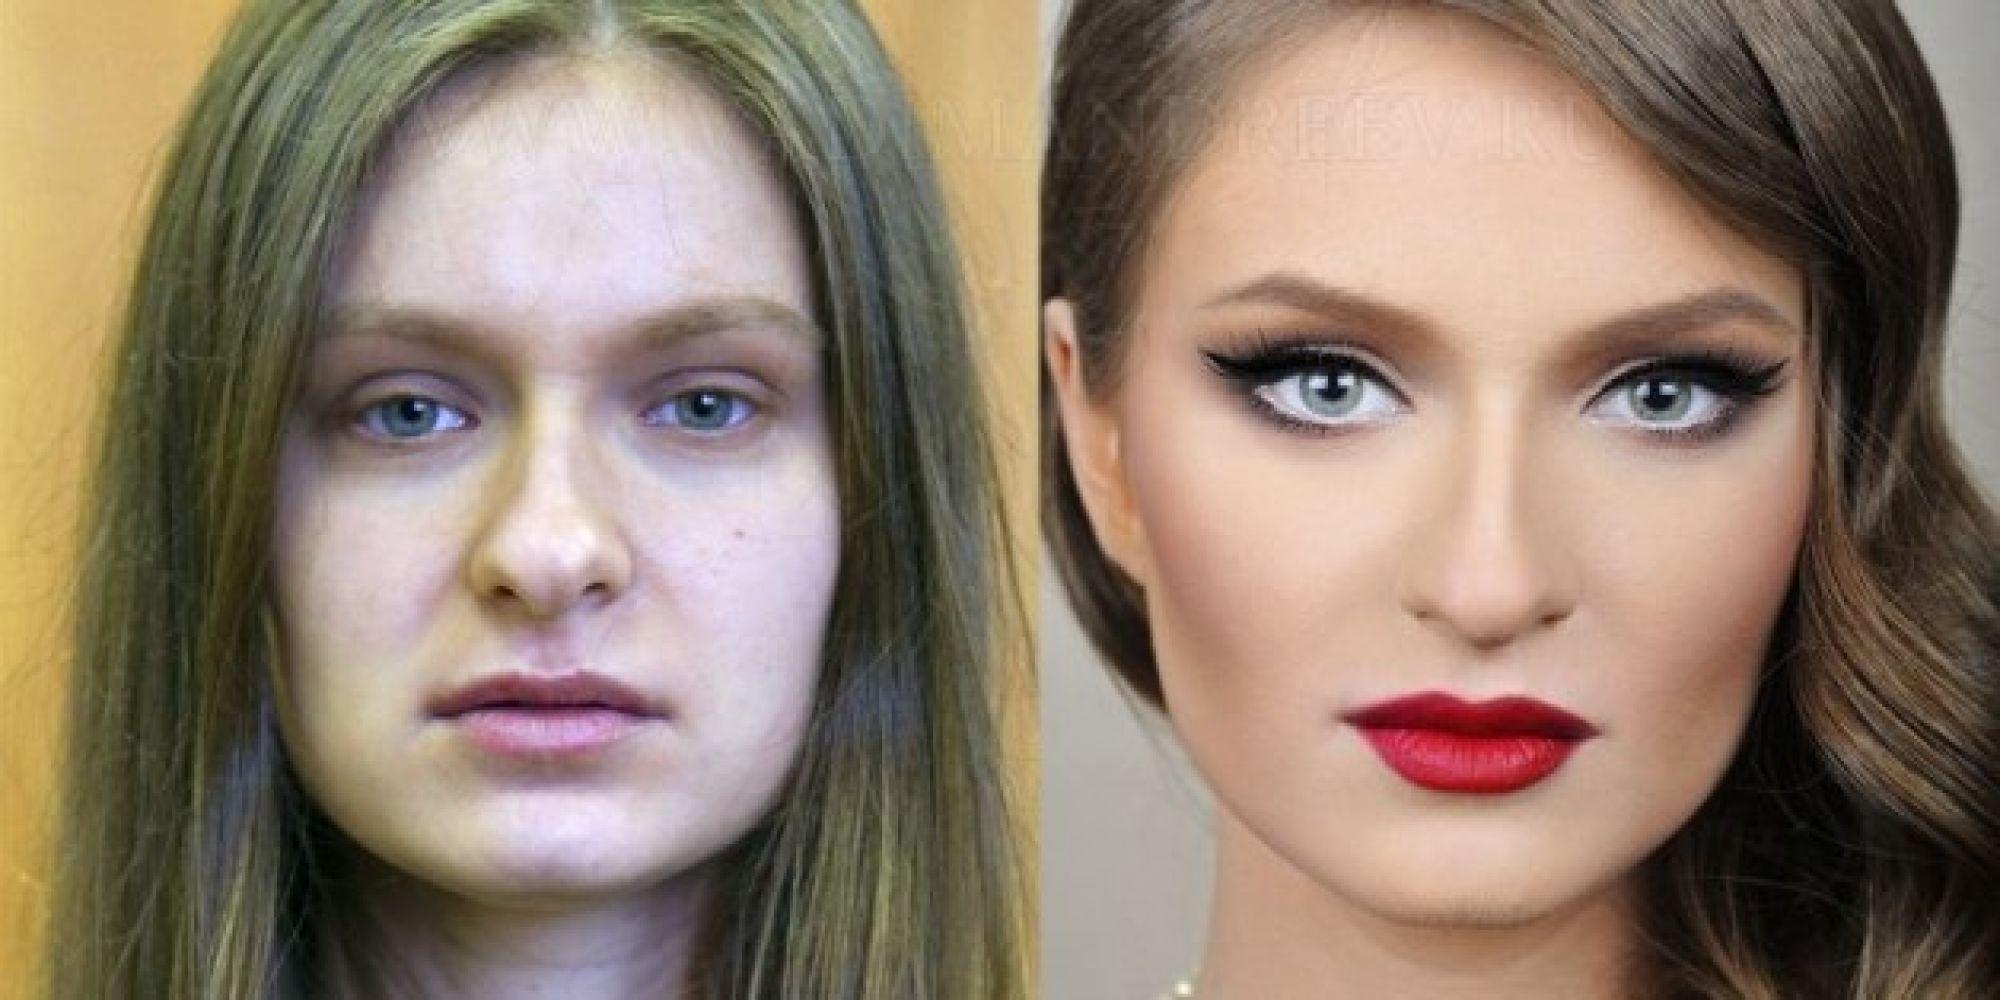 transformacion maquillaje3 - Pruebas De Que El Maquillaje Tiene Un Gran Poder